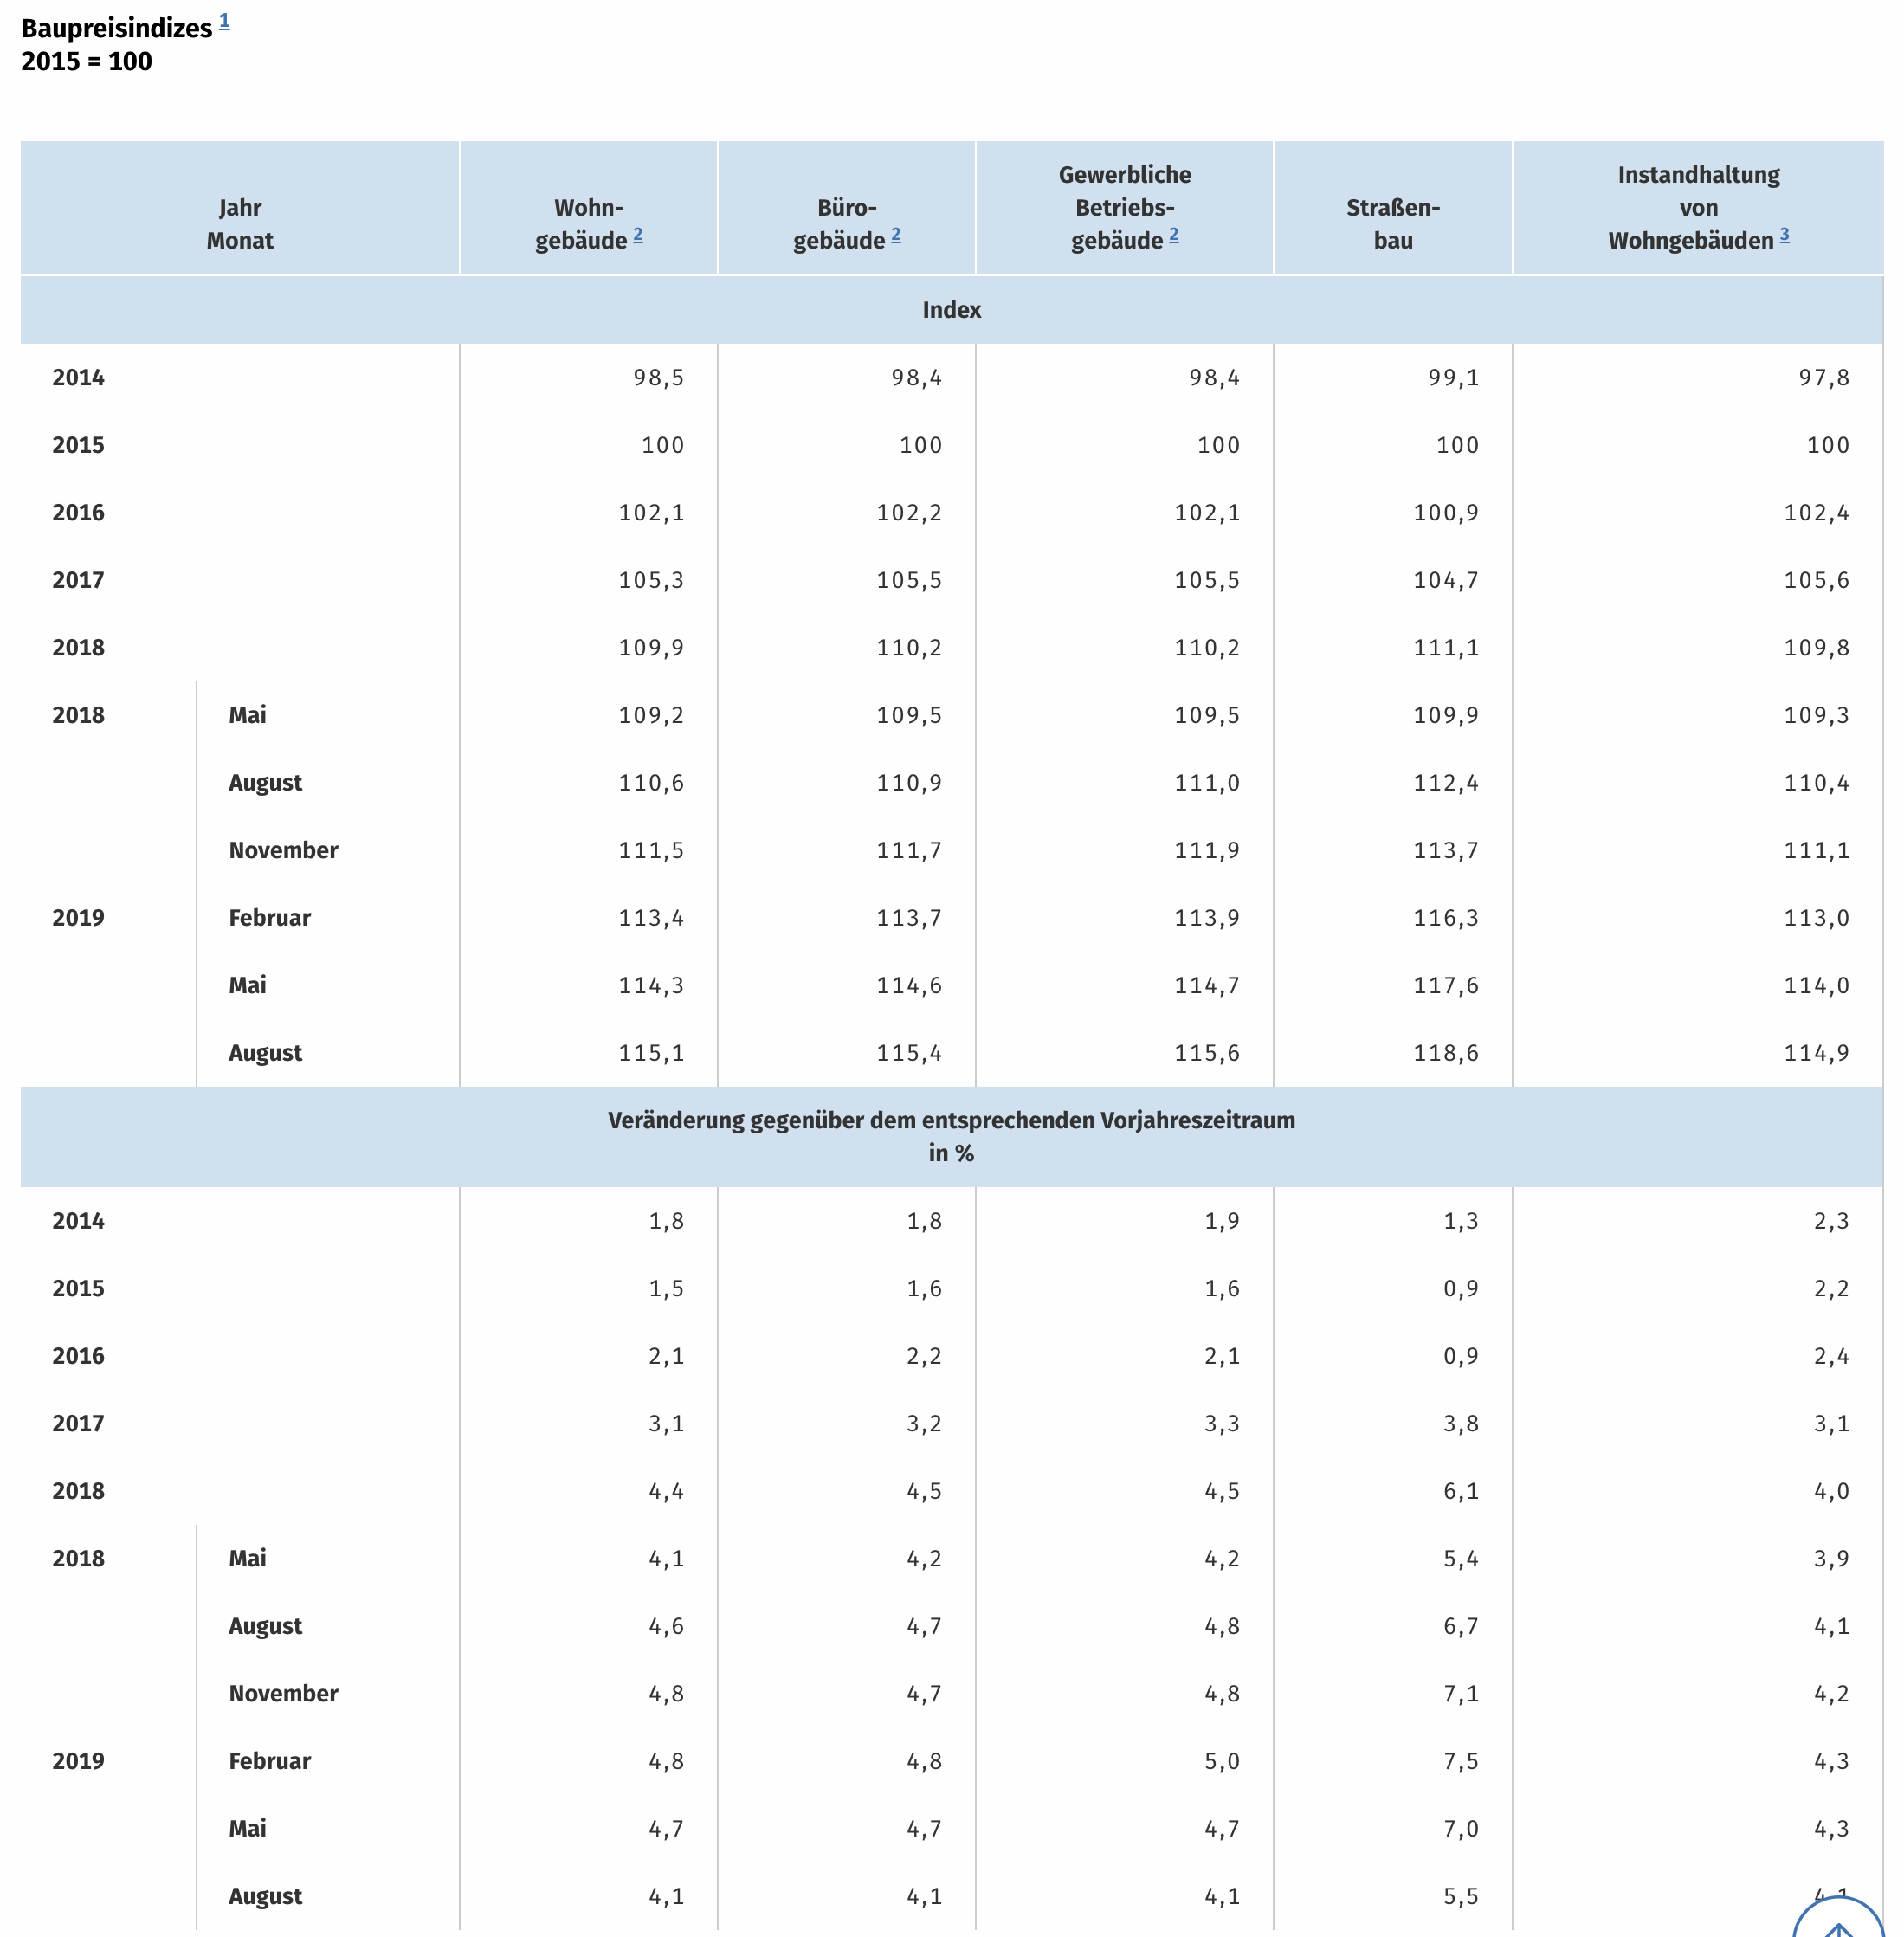 Immobilien Baupreise Wohngebäude